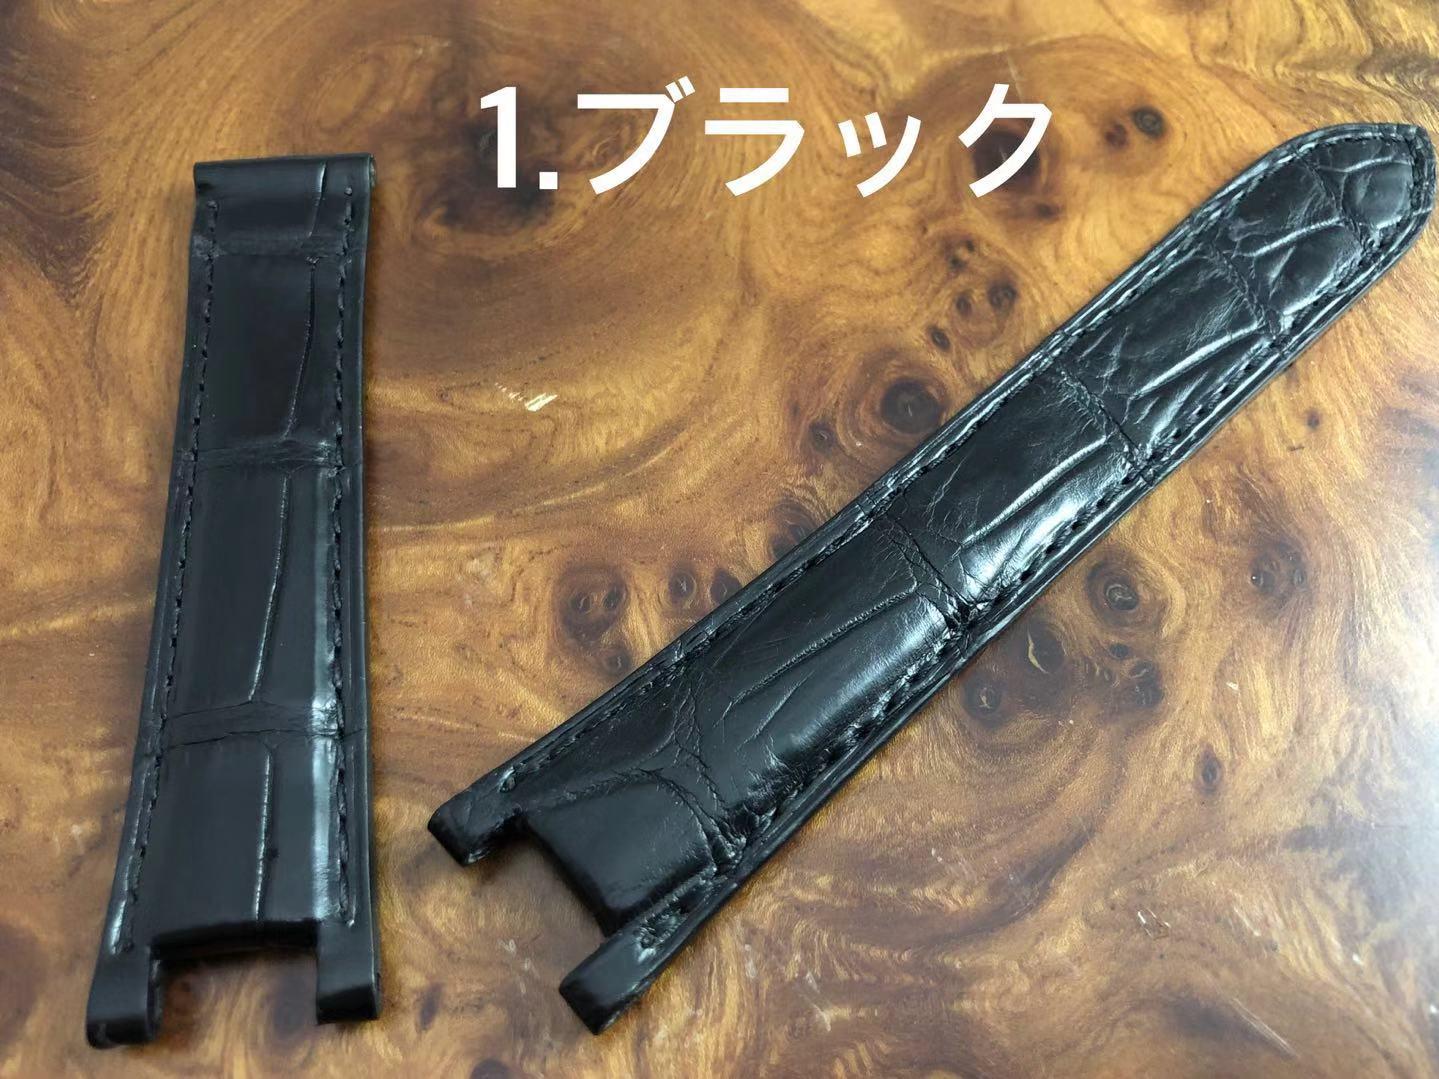 期間限定価格 CousuMain 20mm-18mm★(クロコダイル)アリゲーター両面 cartier パシャ38mm Dバックル用(カルティエ パシャ)向 裏面同色アリゲーター